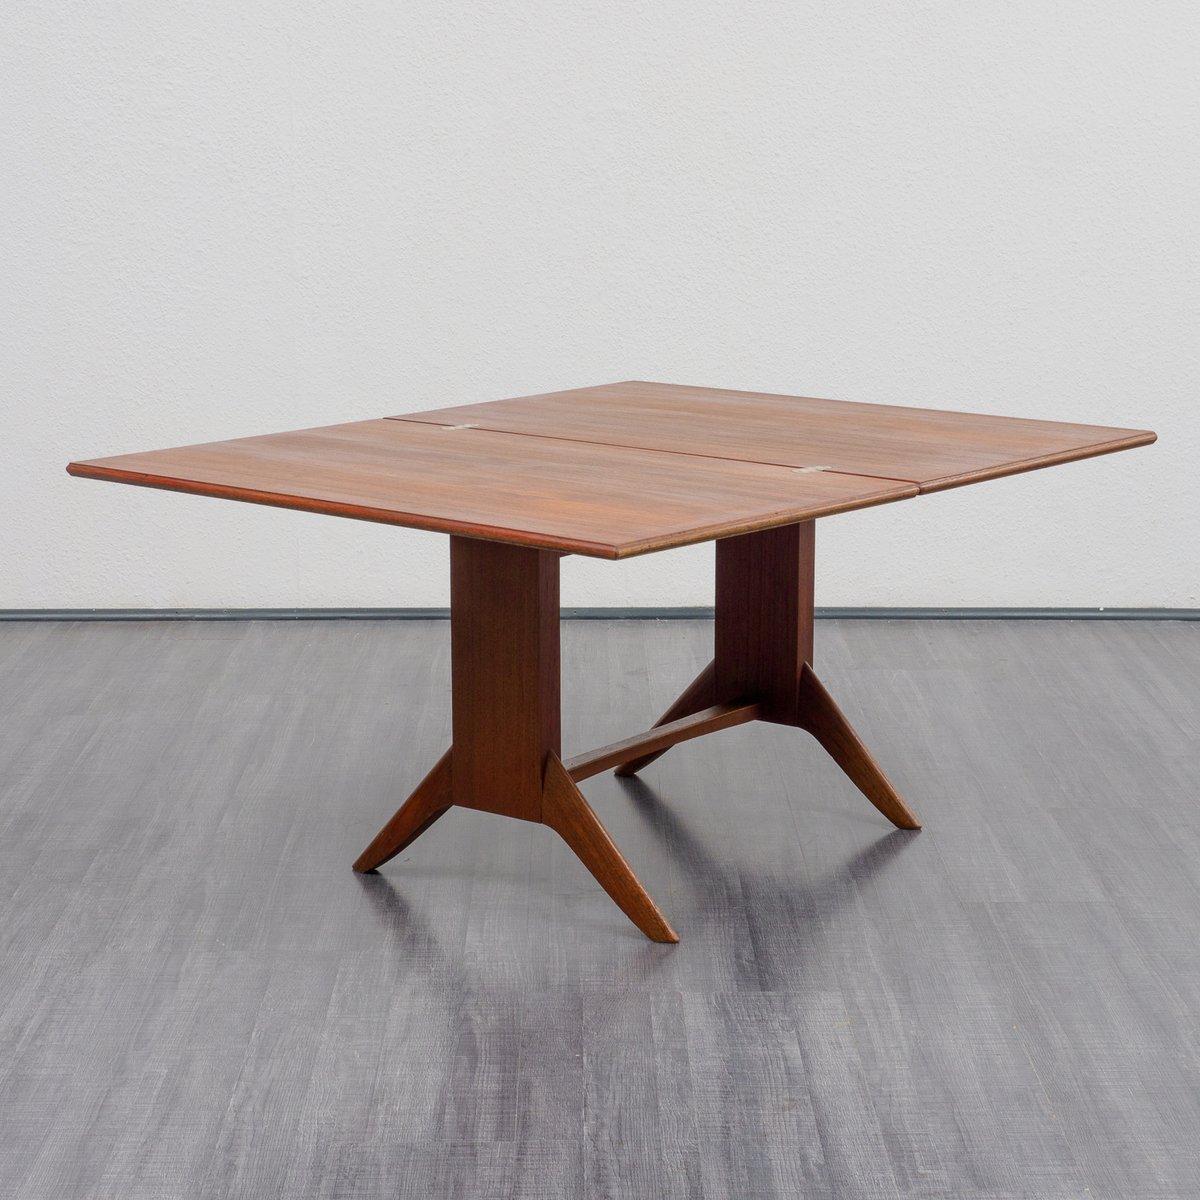 teak couchtisch oder esstisch von wilhelm renz 1950er bei pamono kaufen. Black Bedroom Furniture Sets. Home Design Ideas